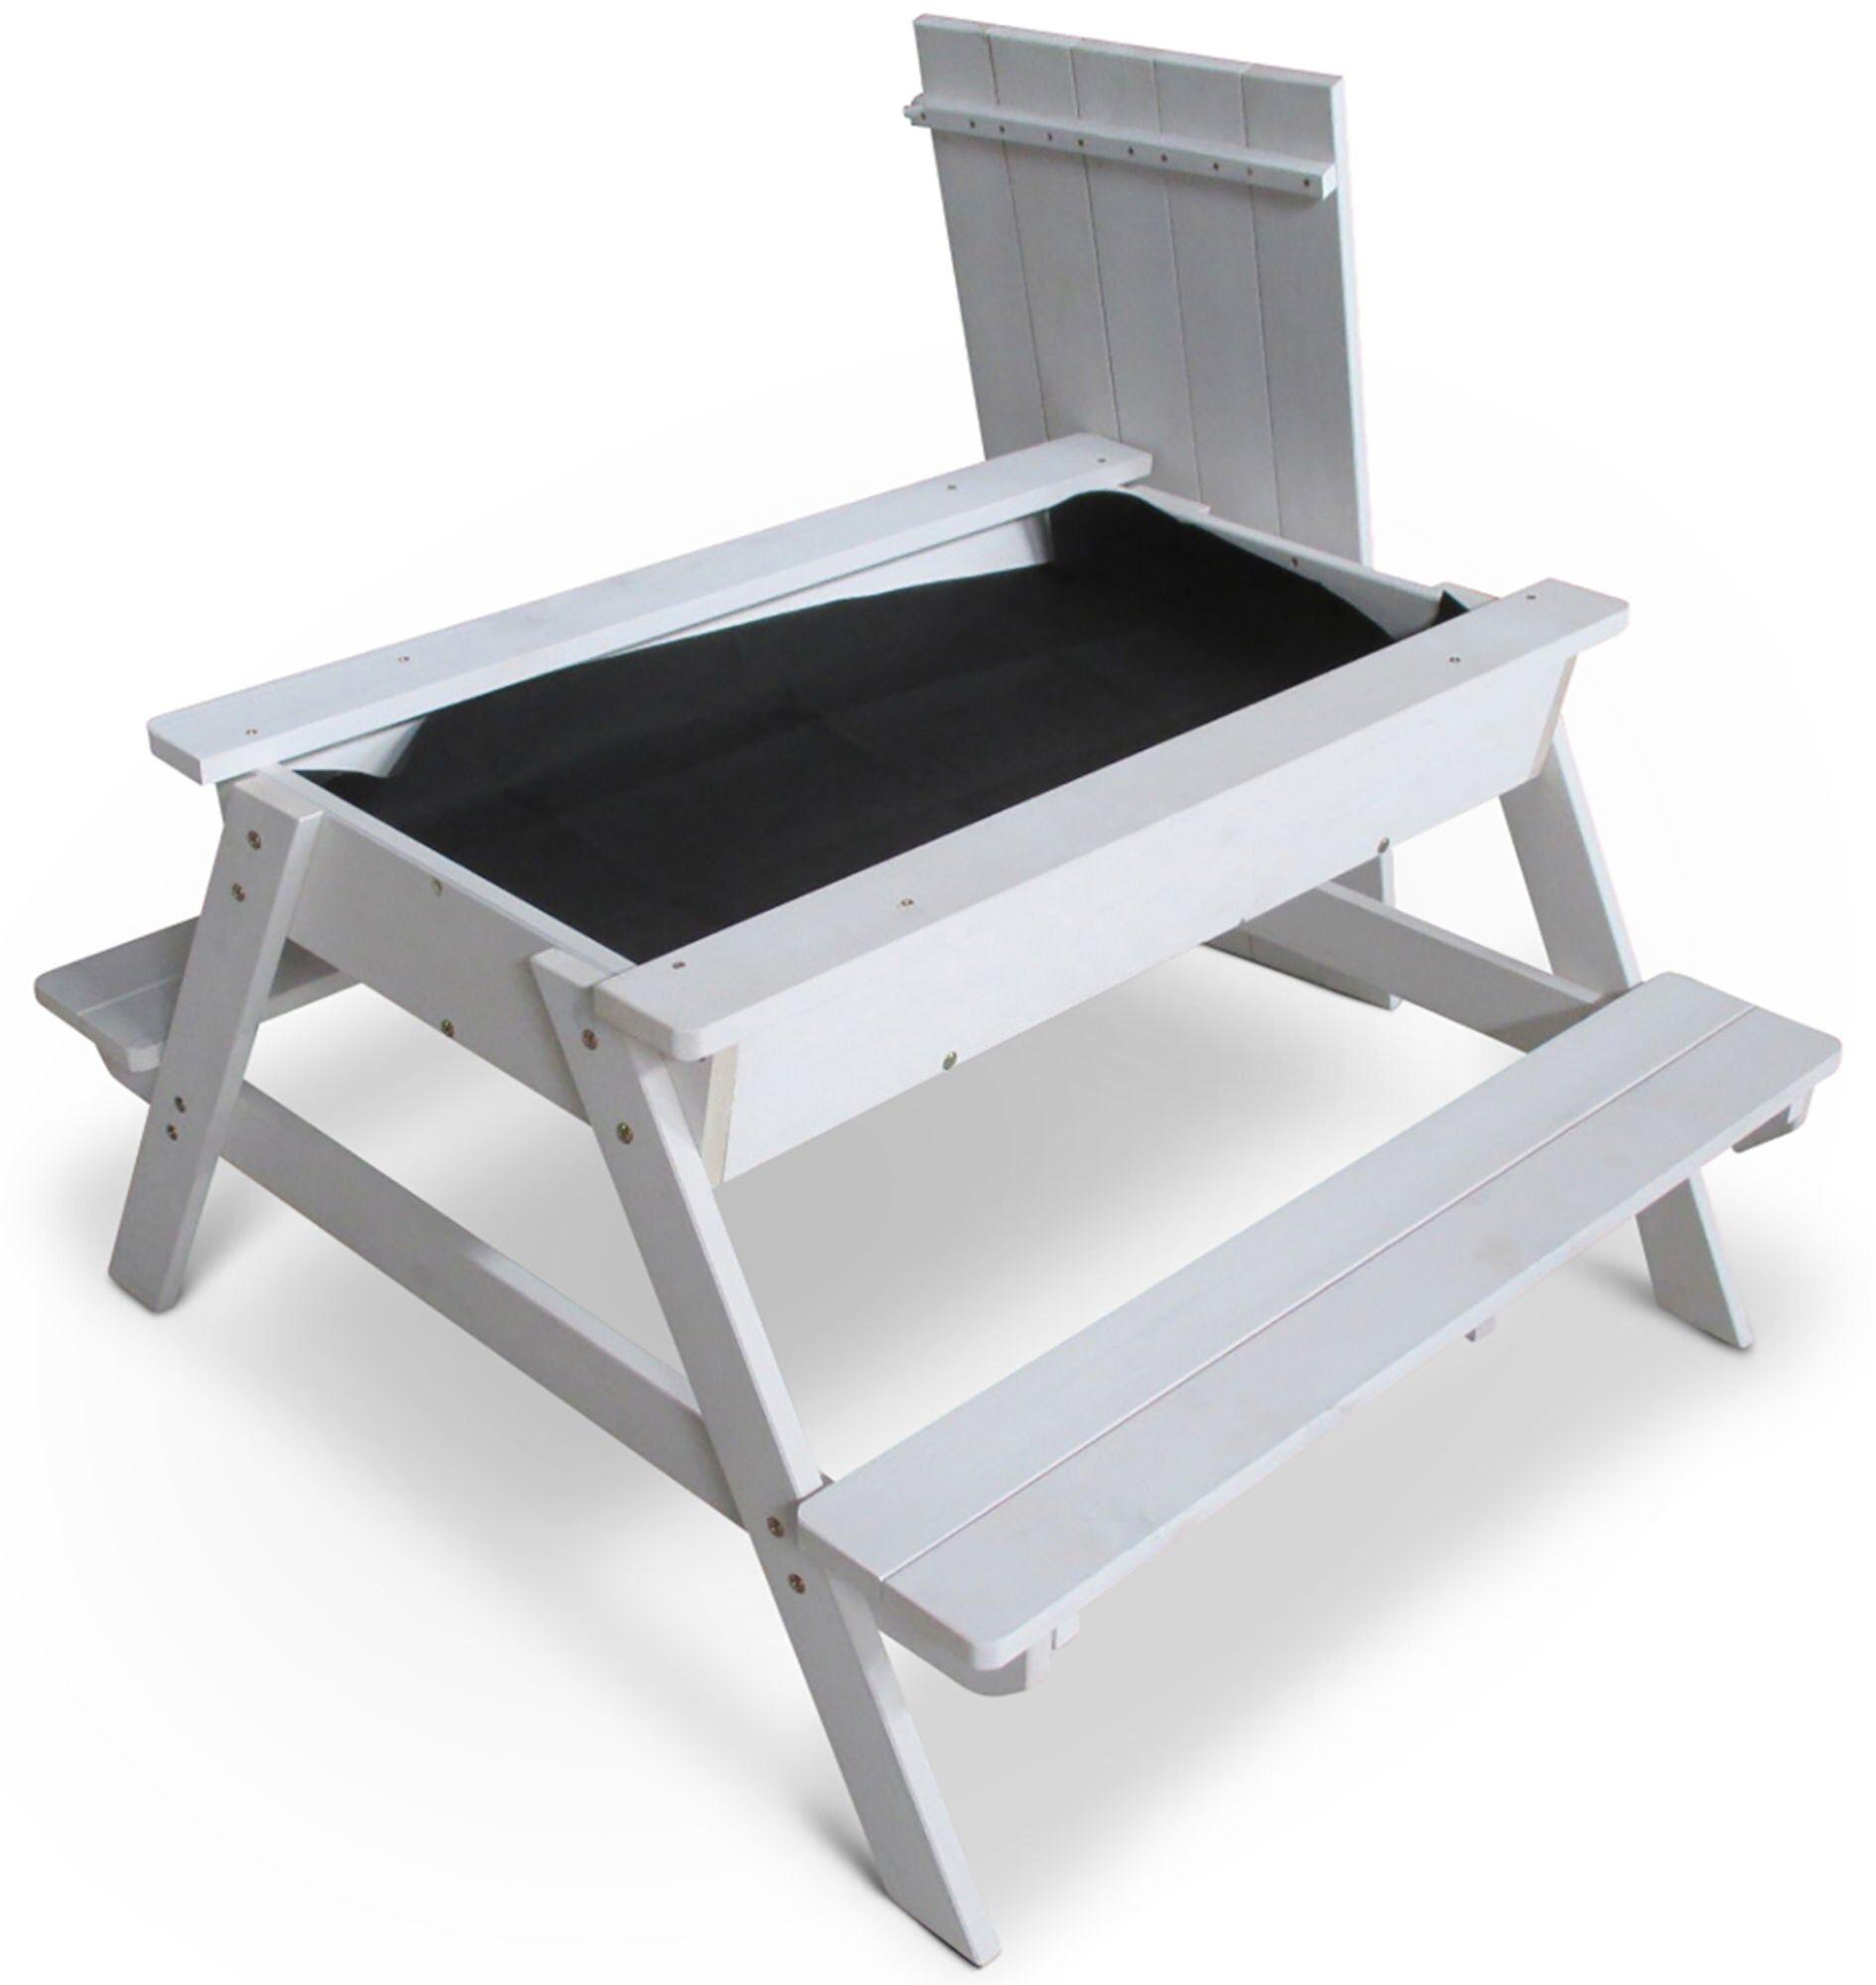 Woodlii Piknikbord med Sandkasse + Lokk, Hvit